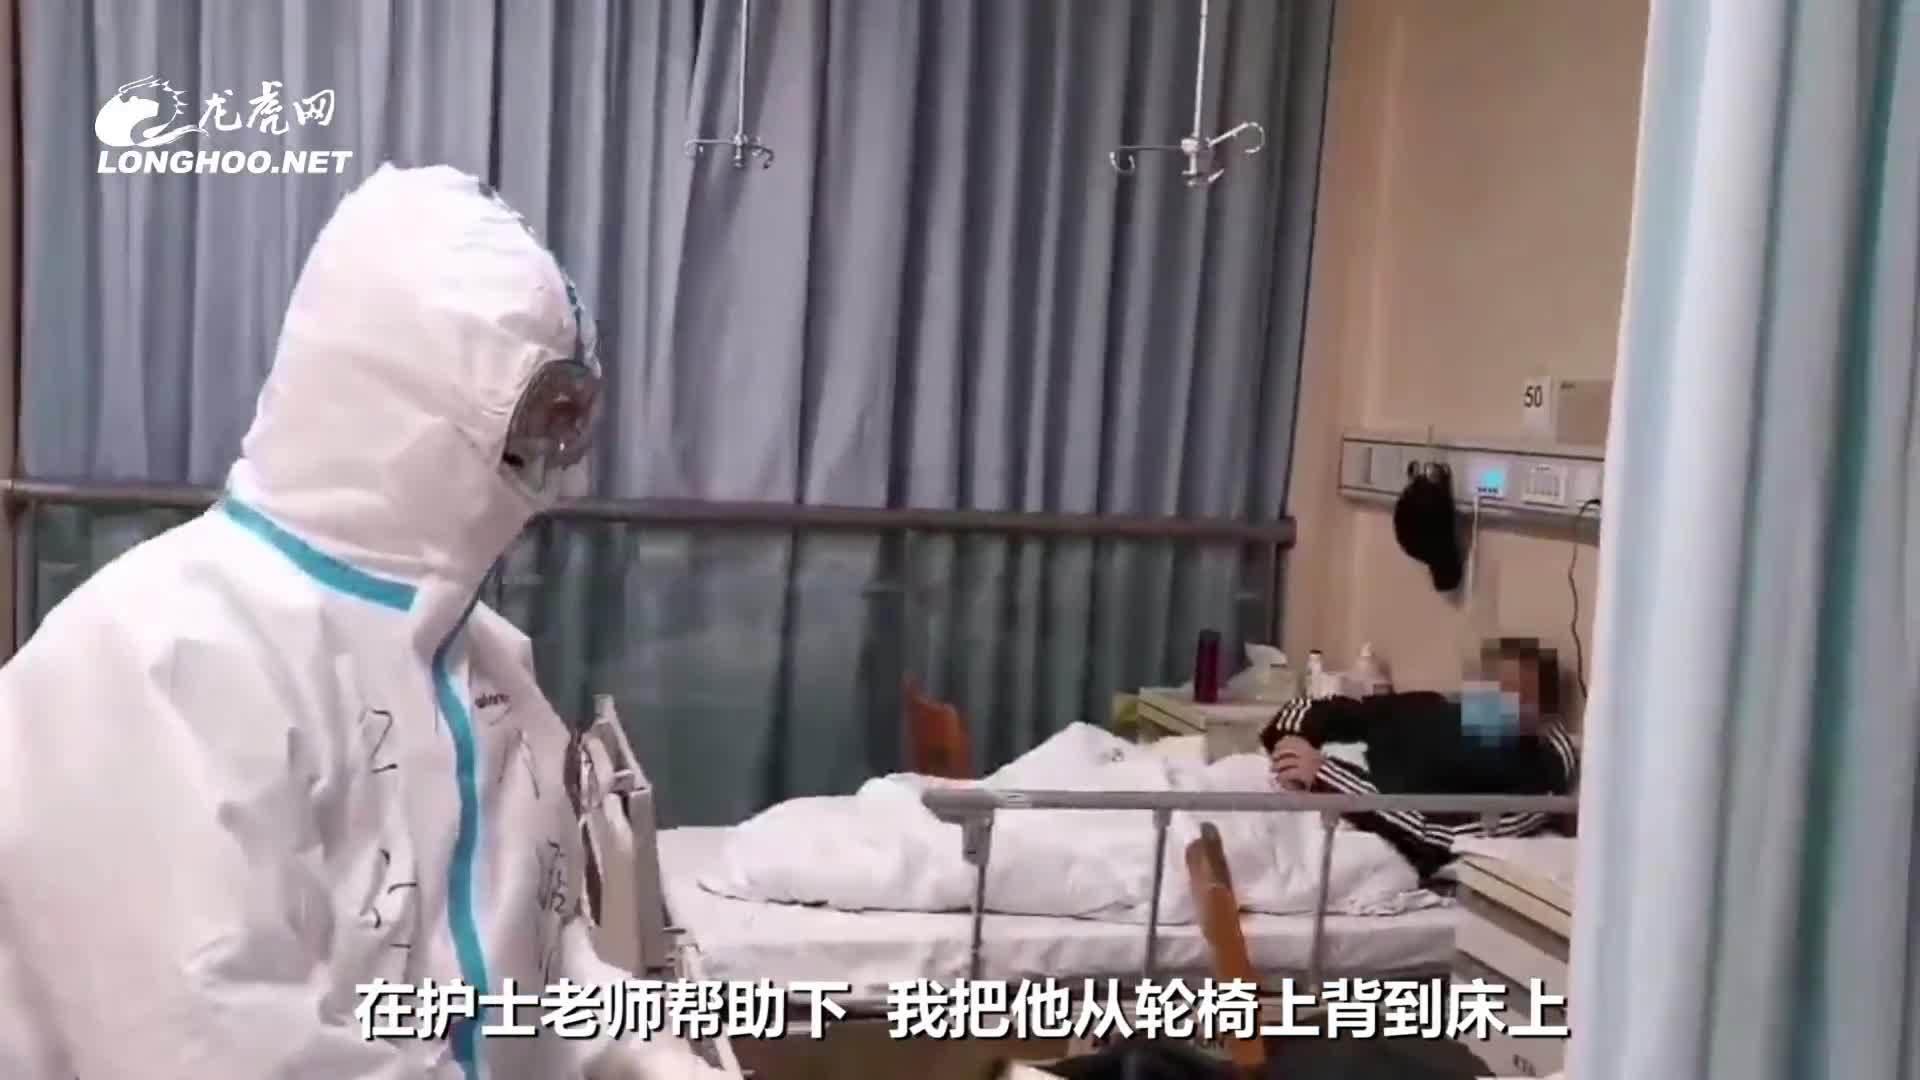 惊险两小时!为救治患者 他长时间近距离接触带病毒气体